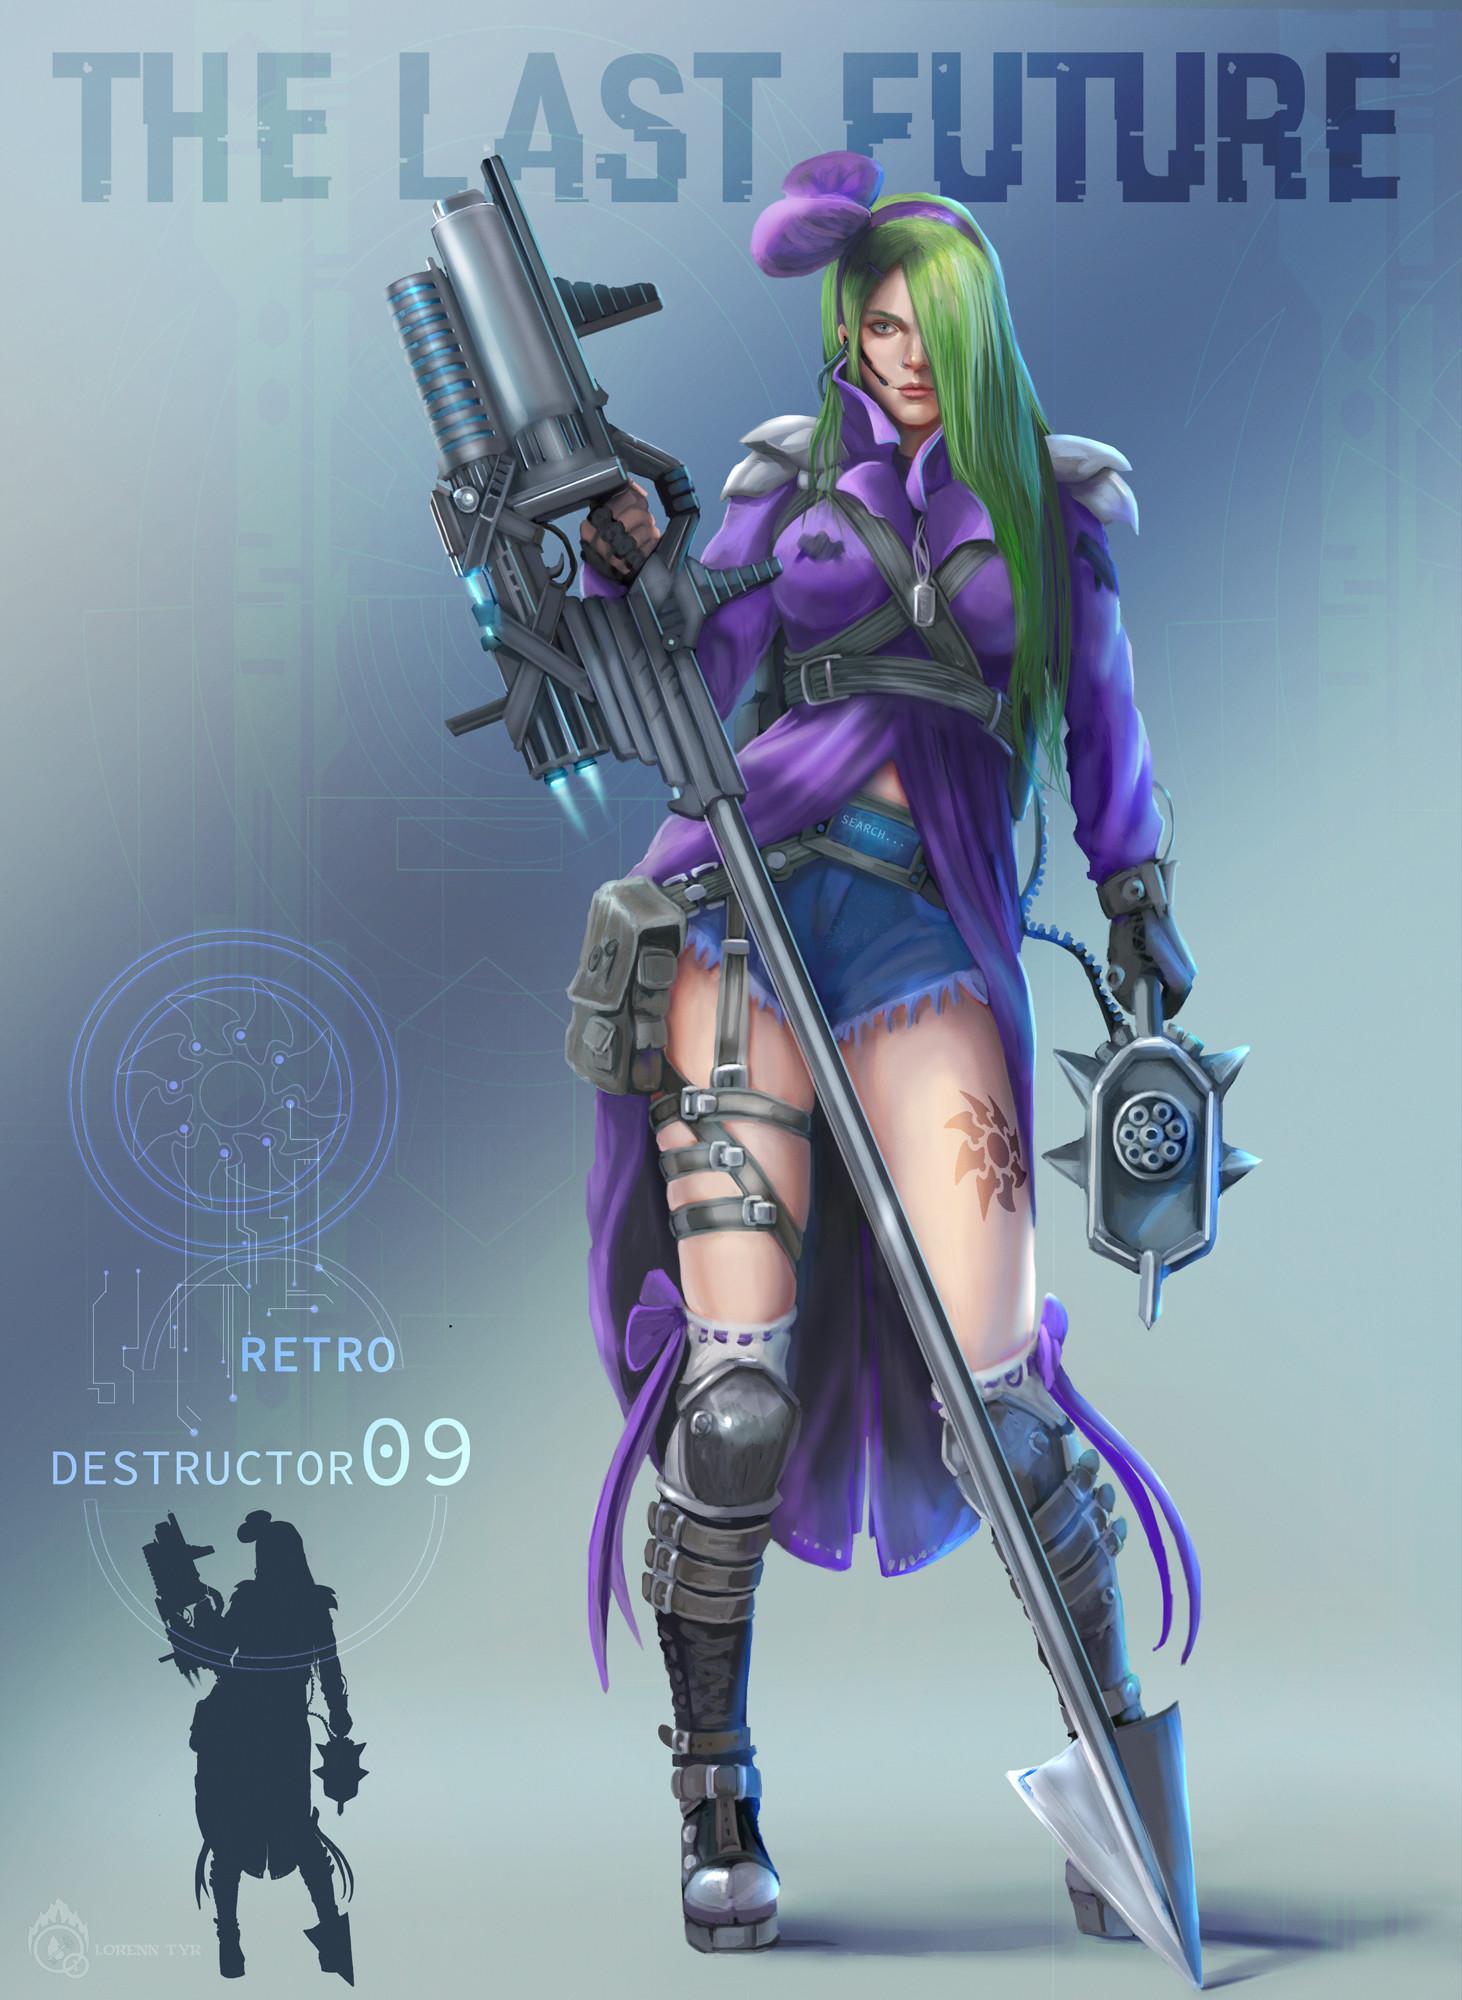 Lorenn tyr destructor 09 retro info